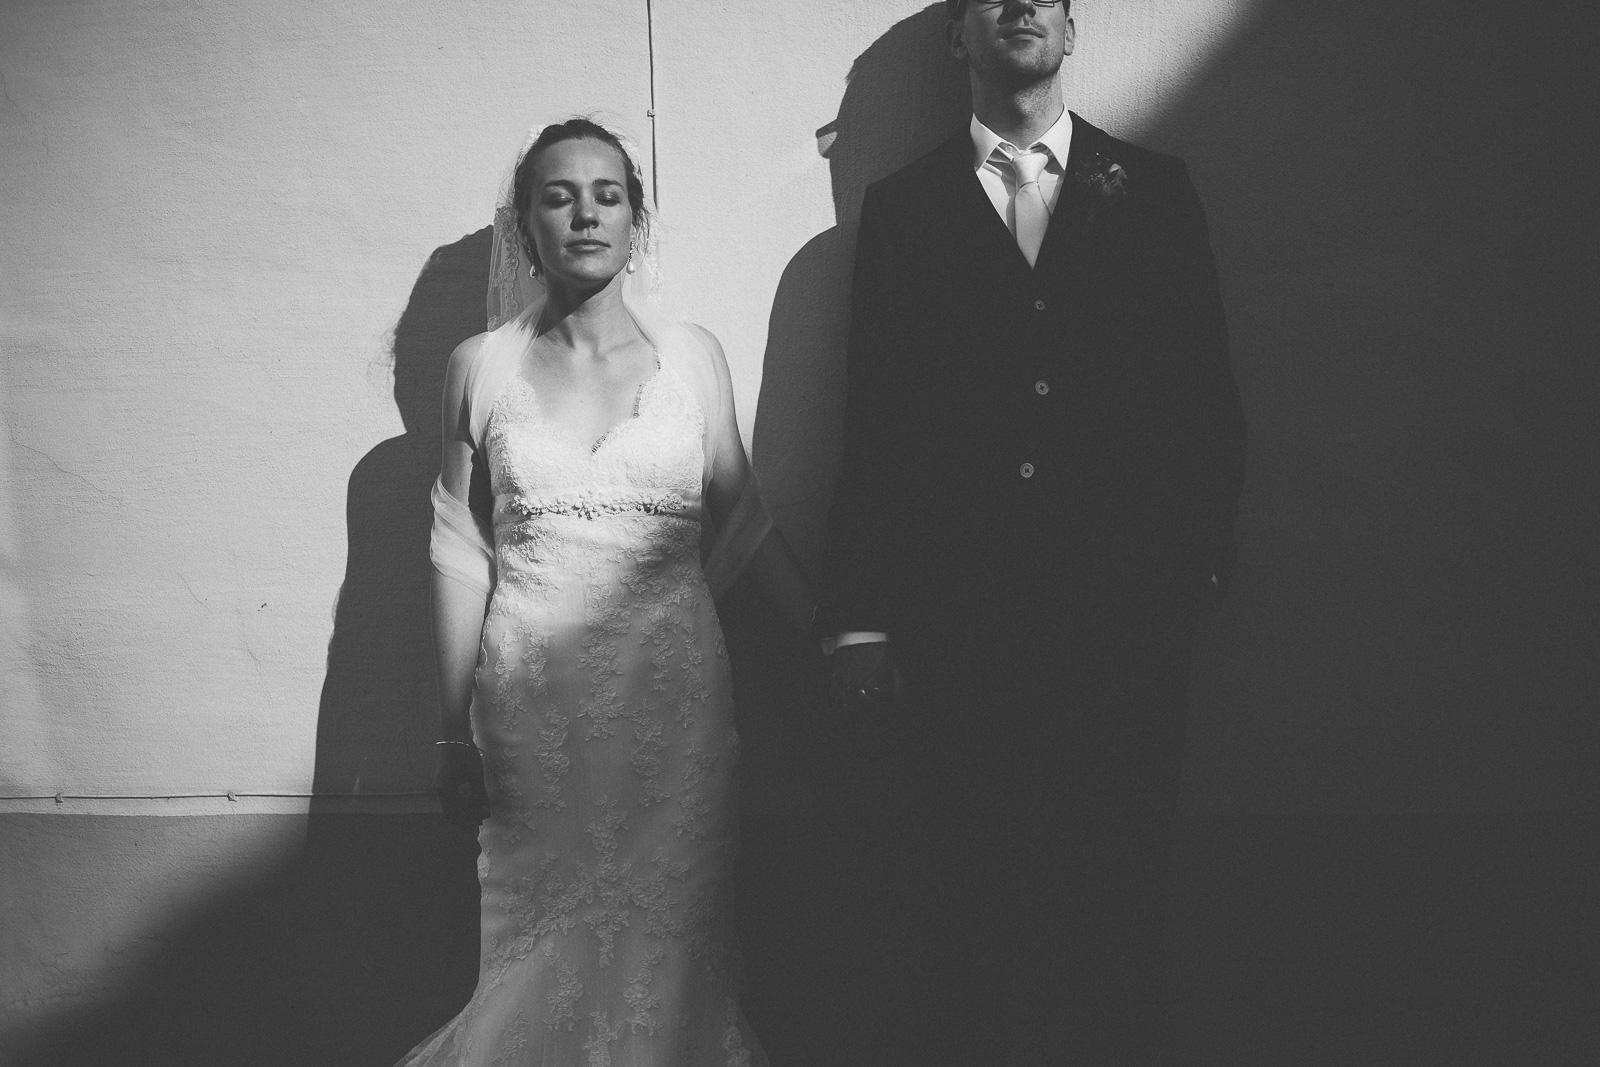 die-bahrnausen-Bride-Moments